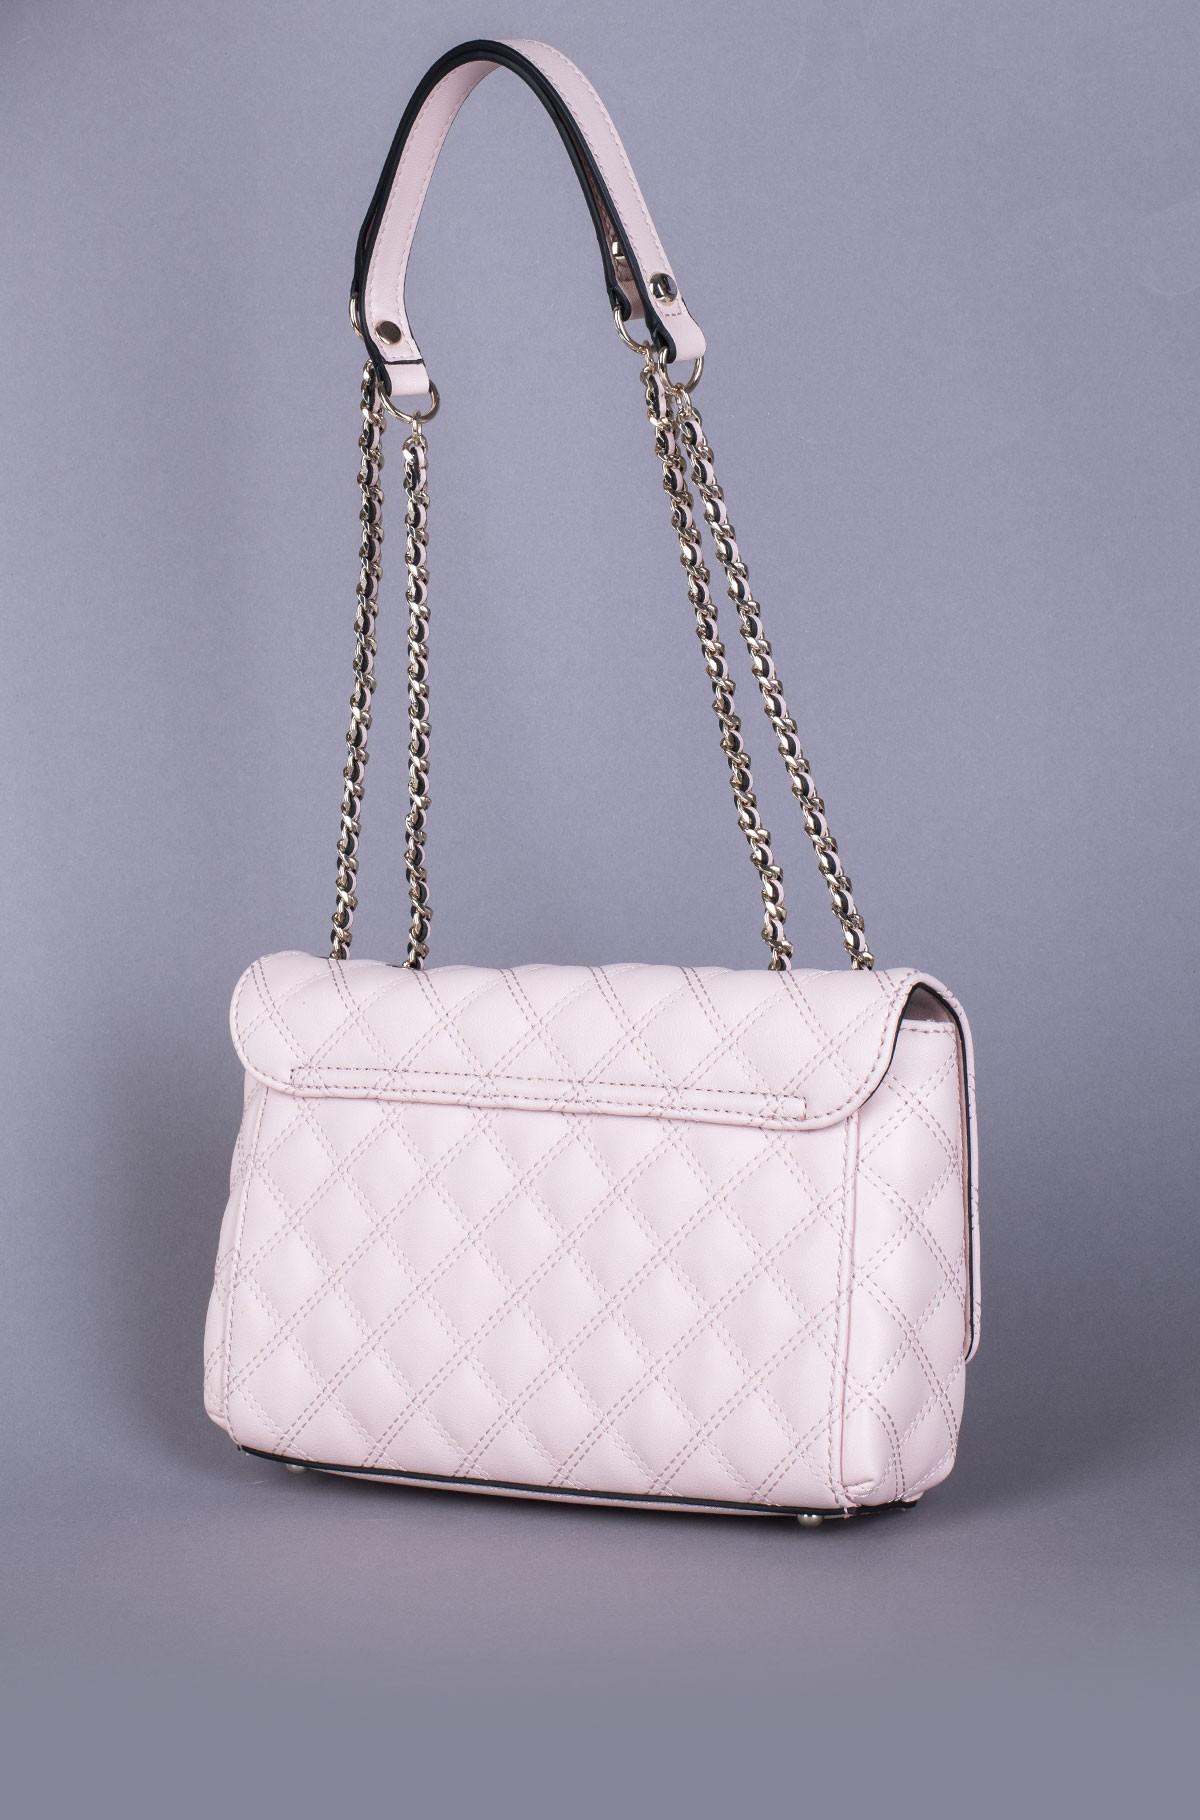 Shoulder bag HWVG76 79210-full-2